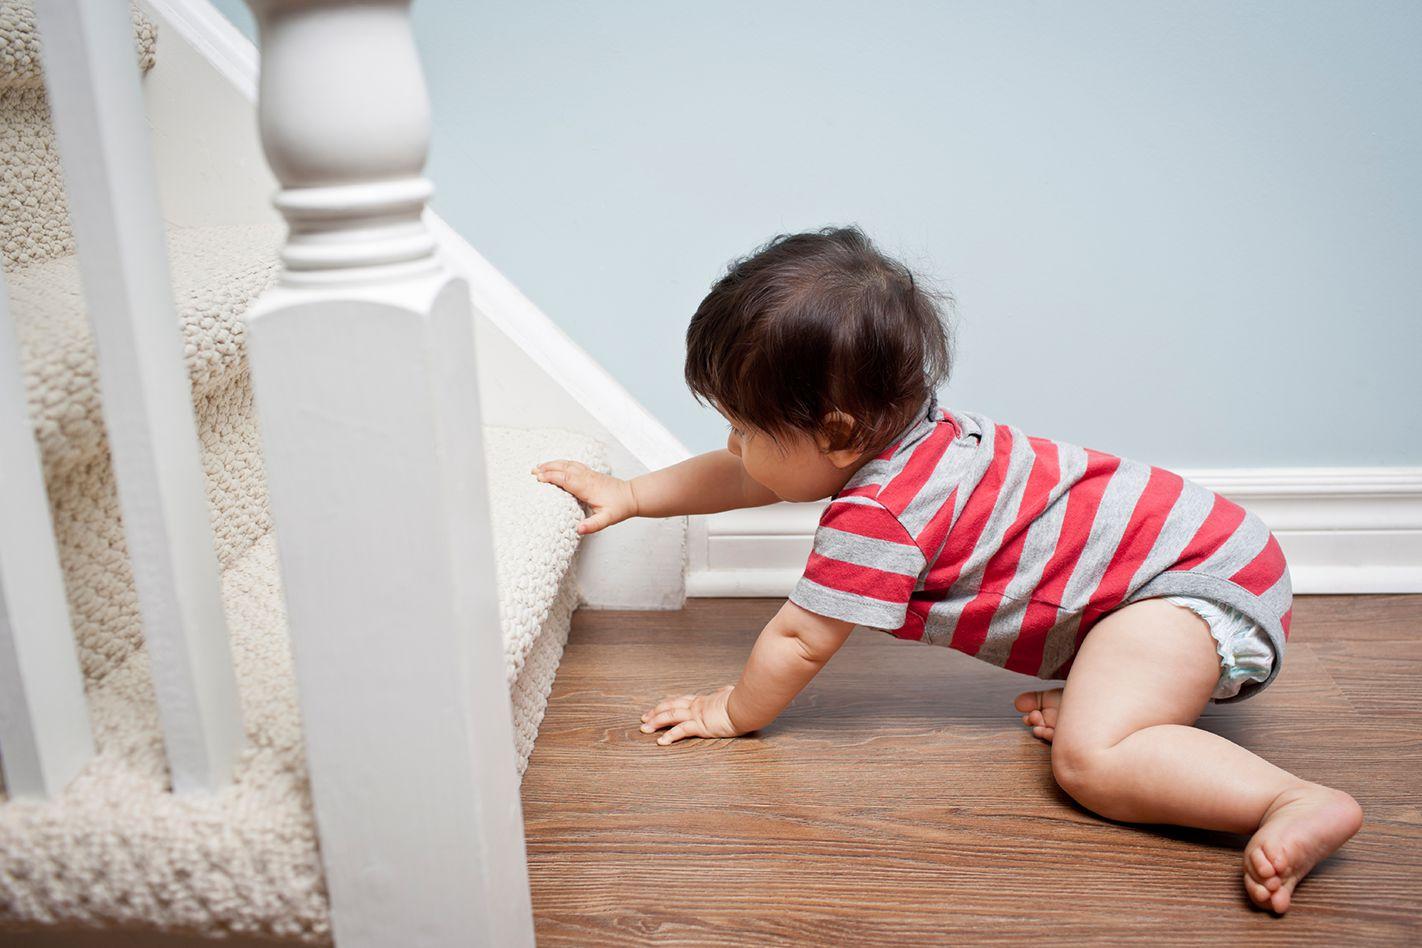 Малыши, не обделенные родительским вниманием, обычно развиваются быстрее